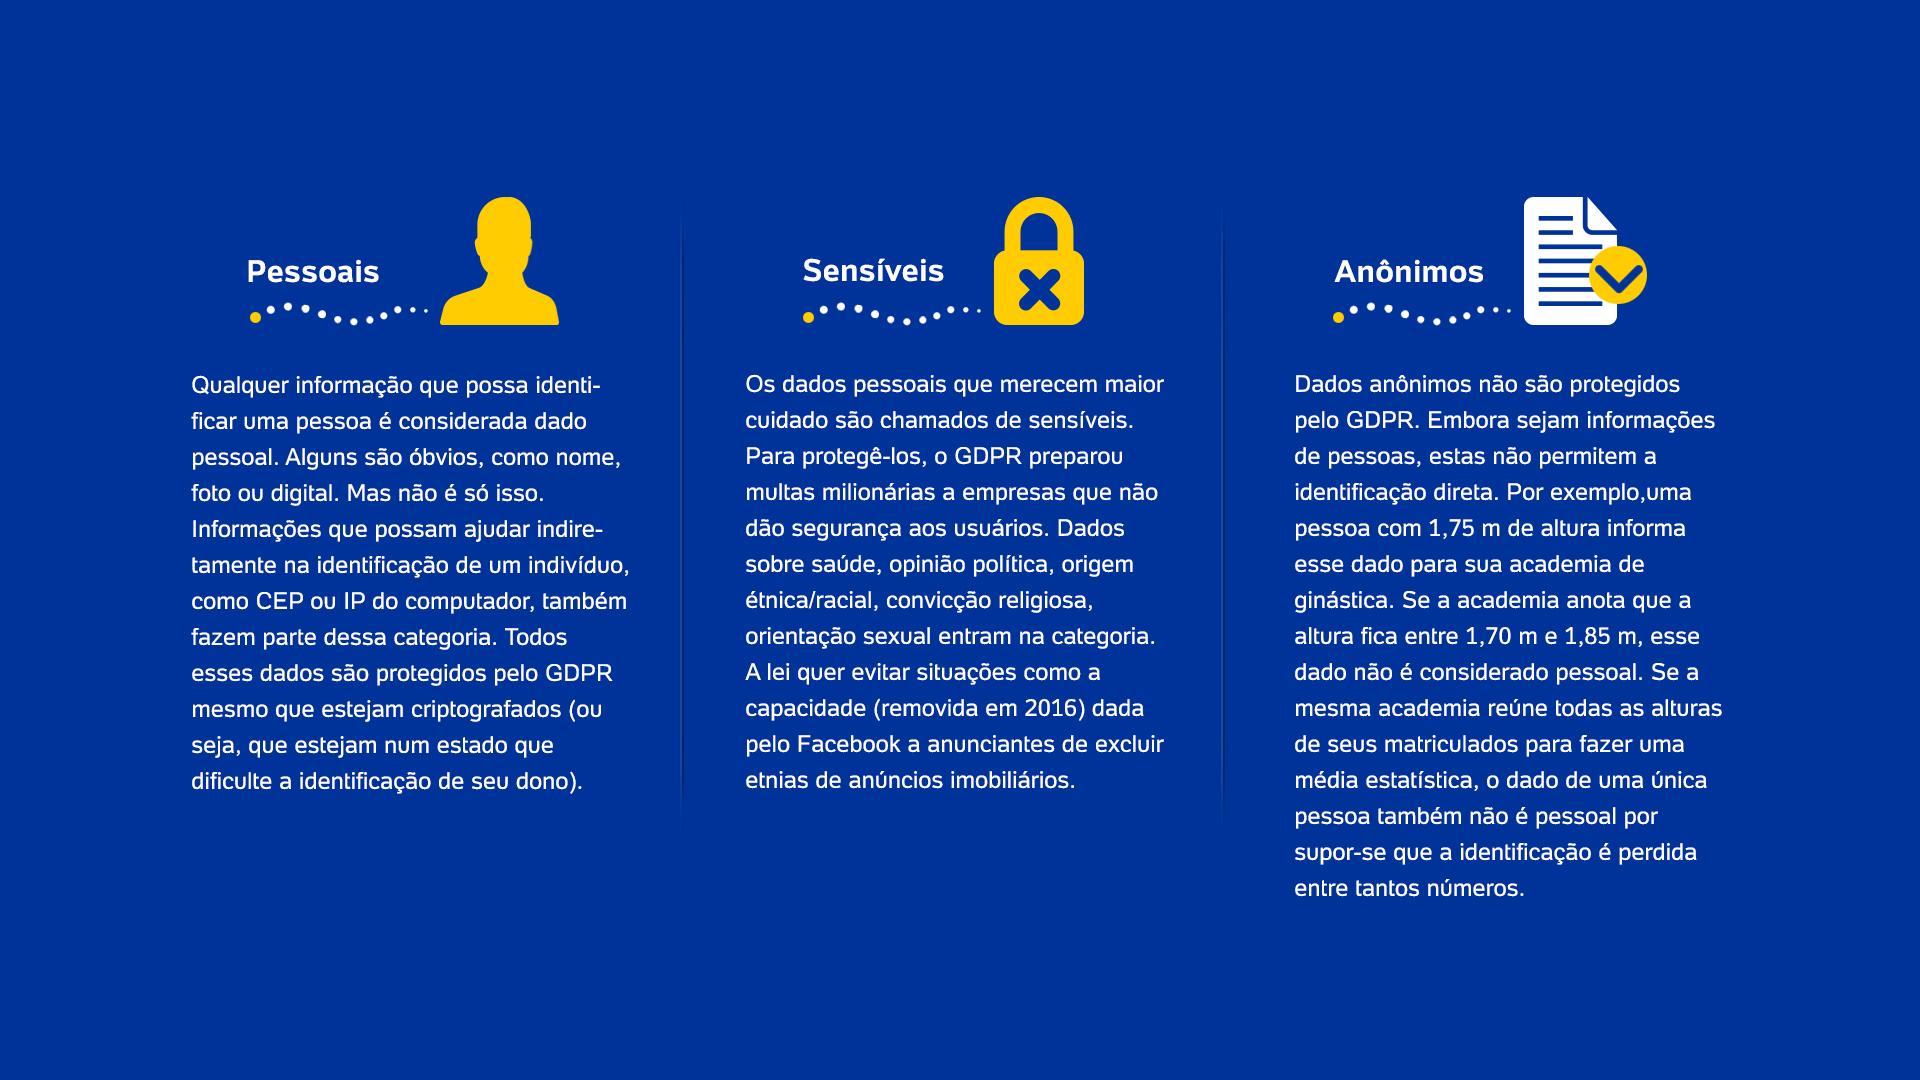 web 2 - Você sabe que é GDPR? Veja o que pode impactar no e-commerce brasileiro